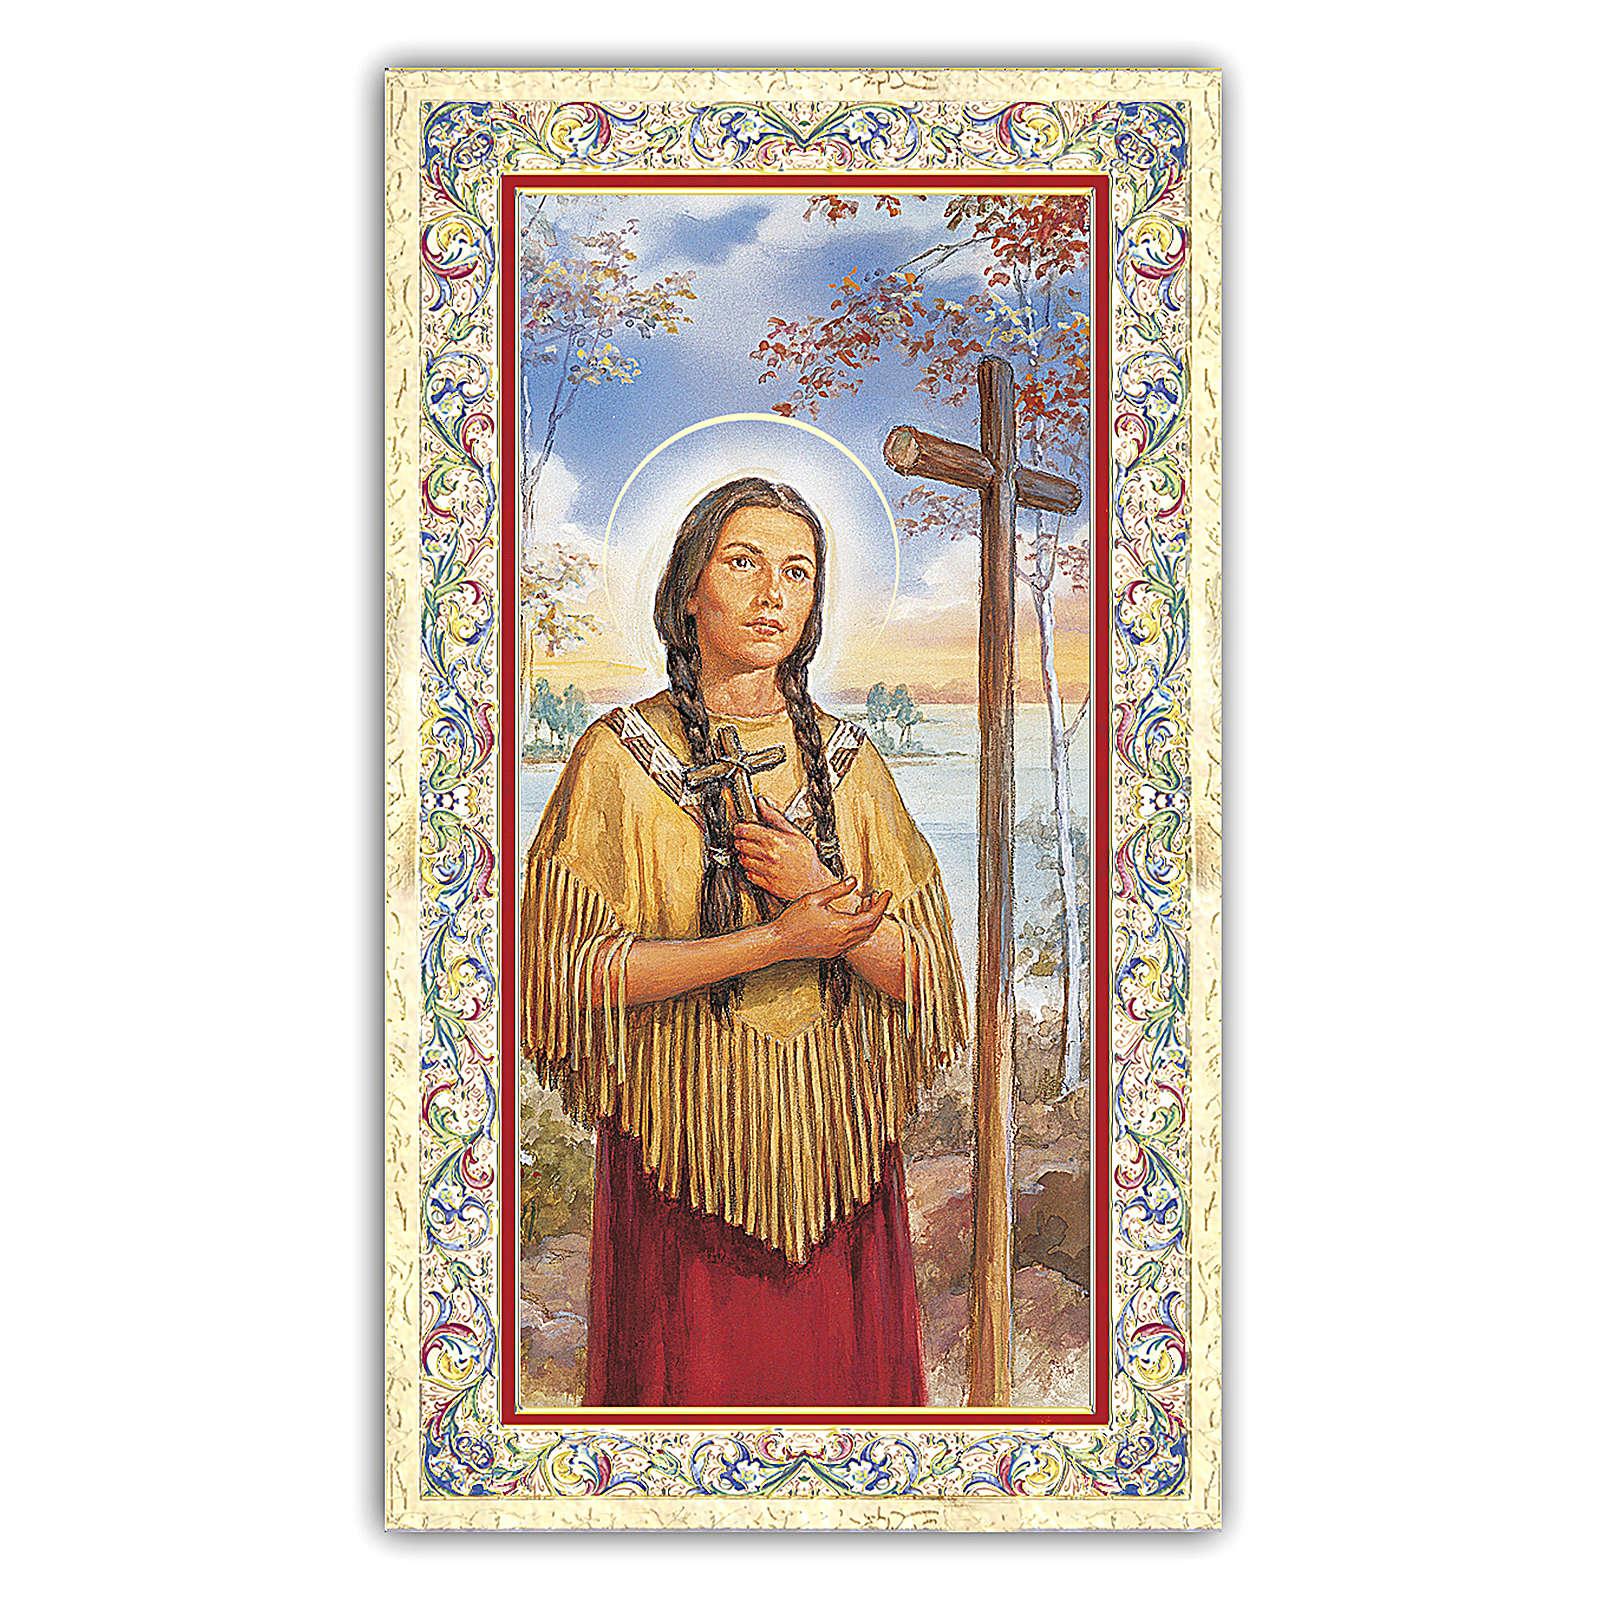 Santino Santa Kateri Tekawitha 10x5 cm ITA 4